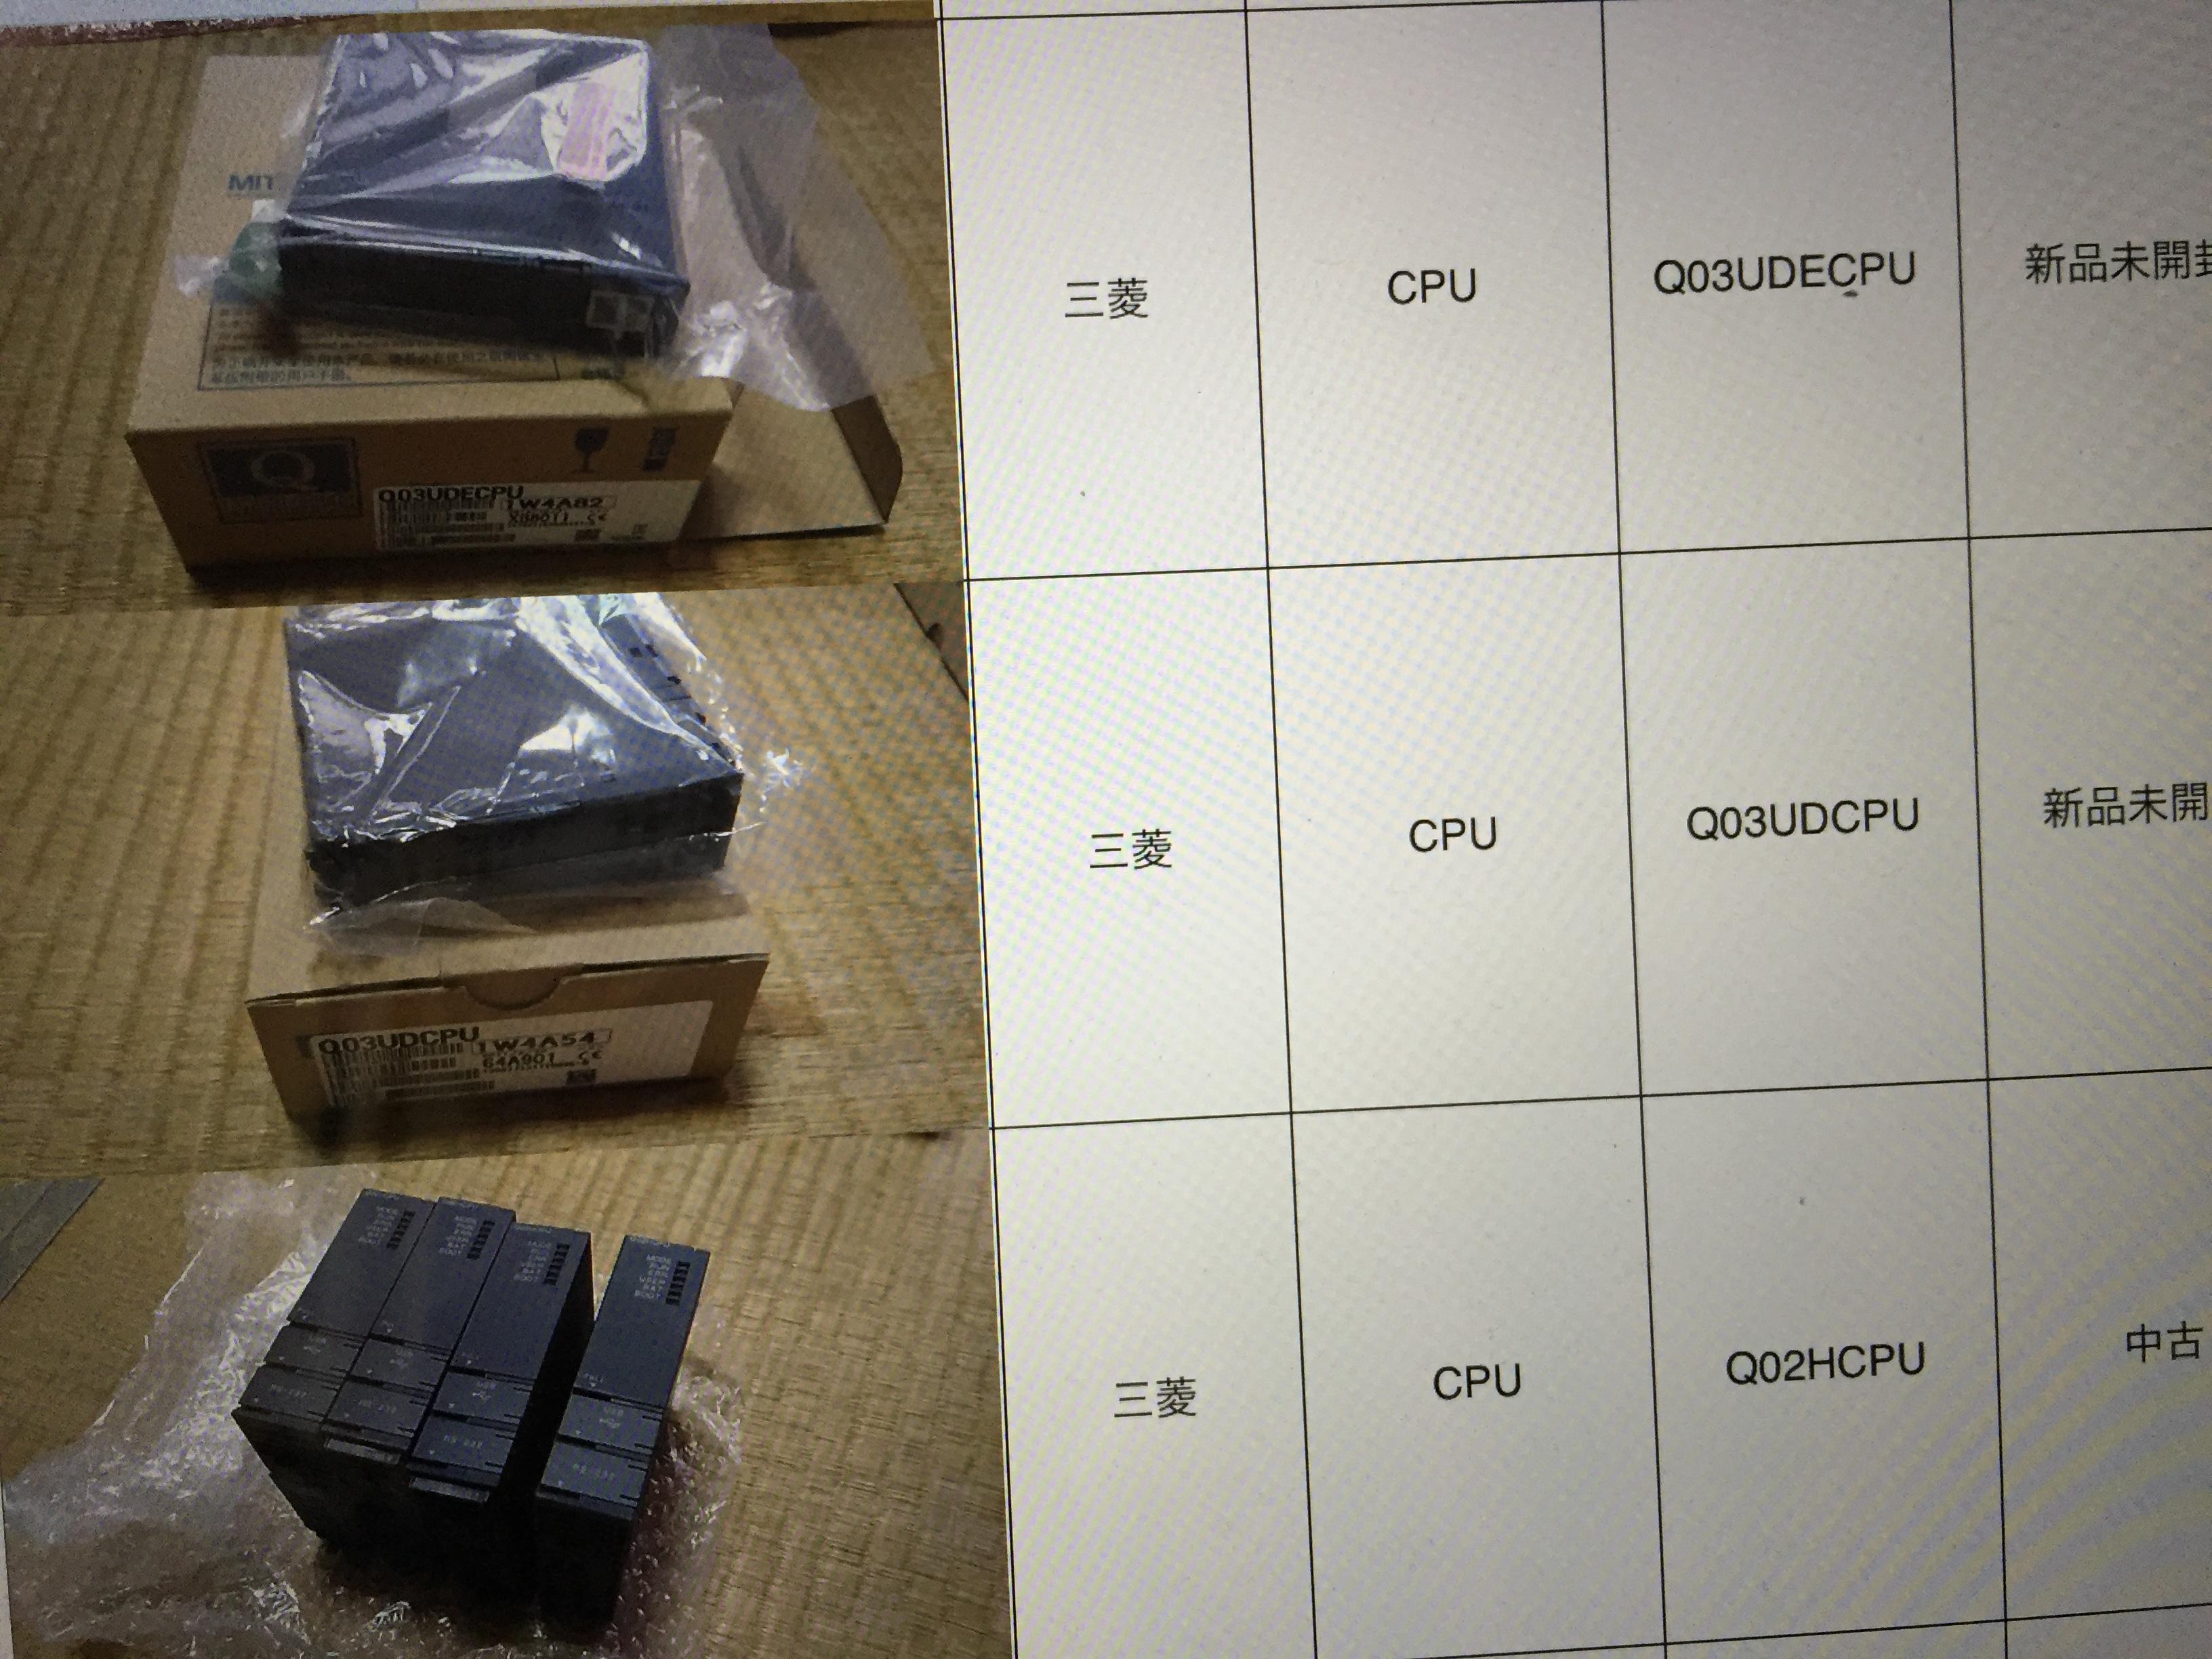 三菱電機CPU 一覧